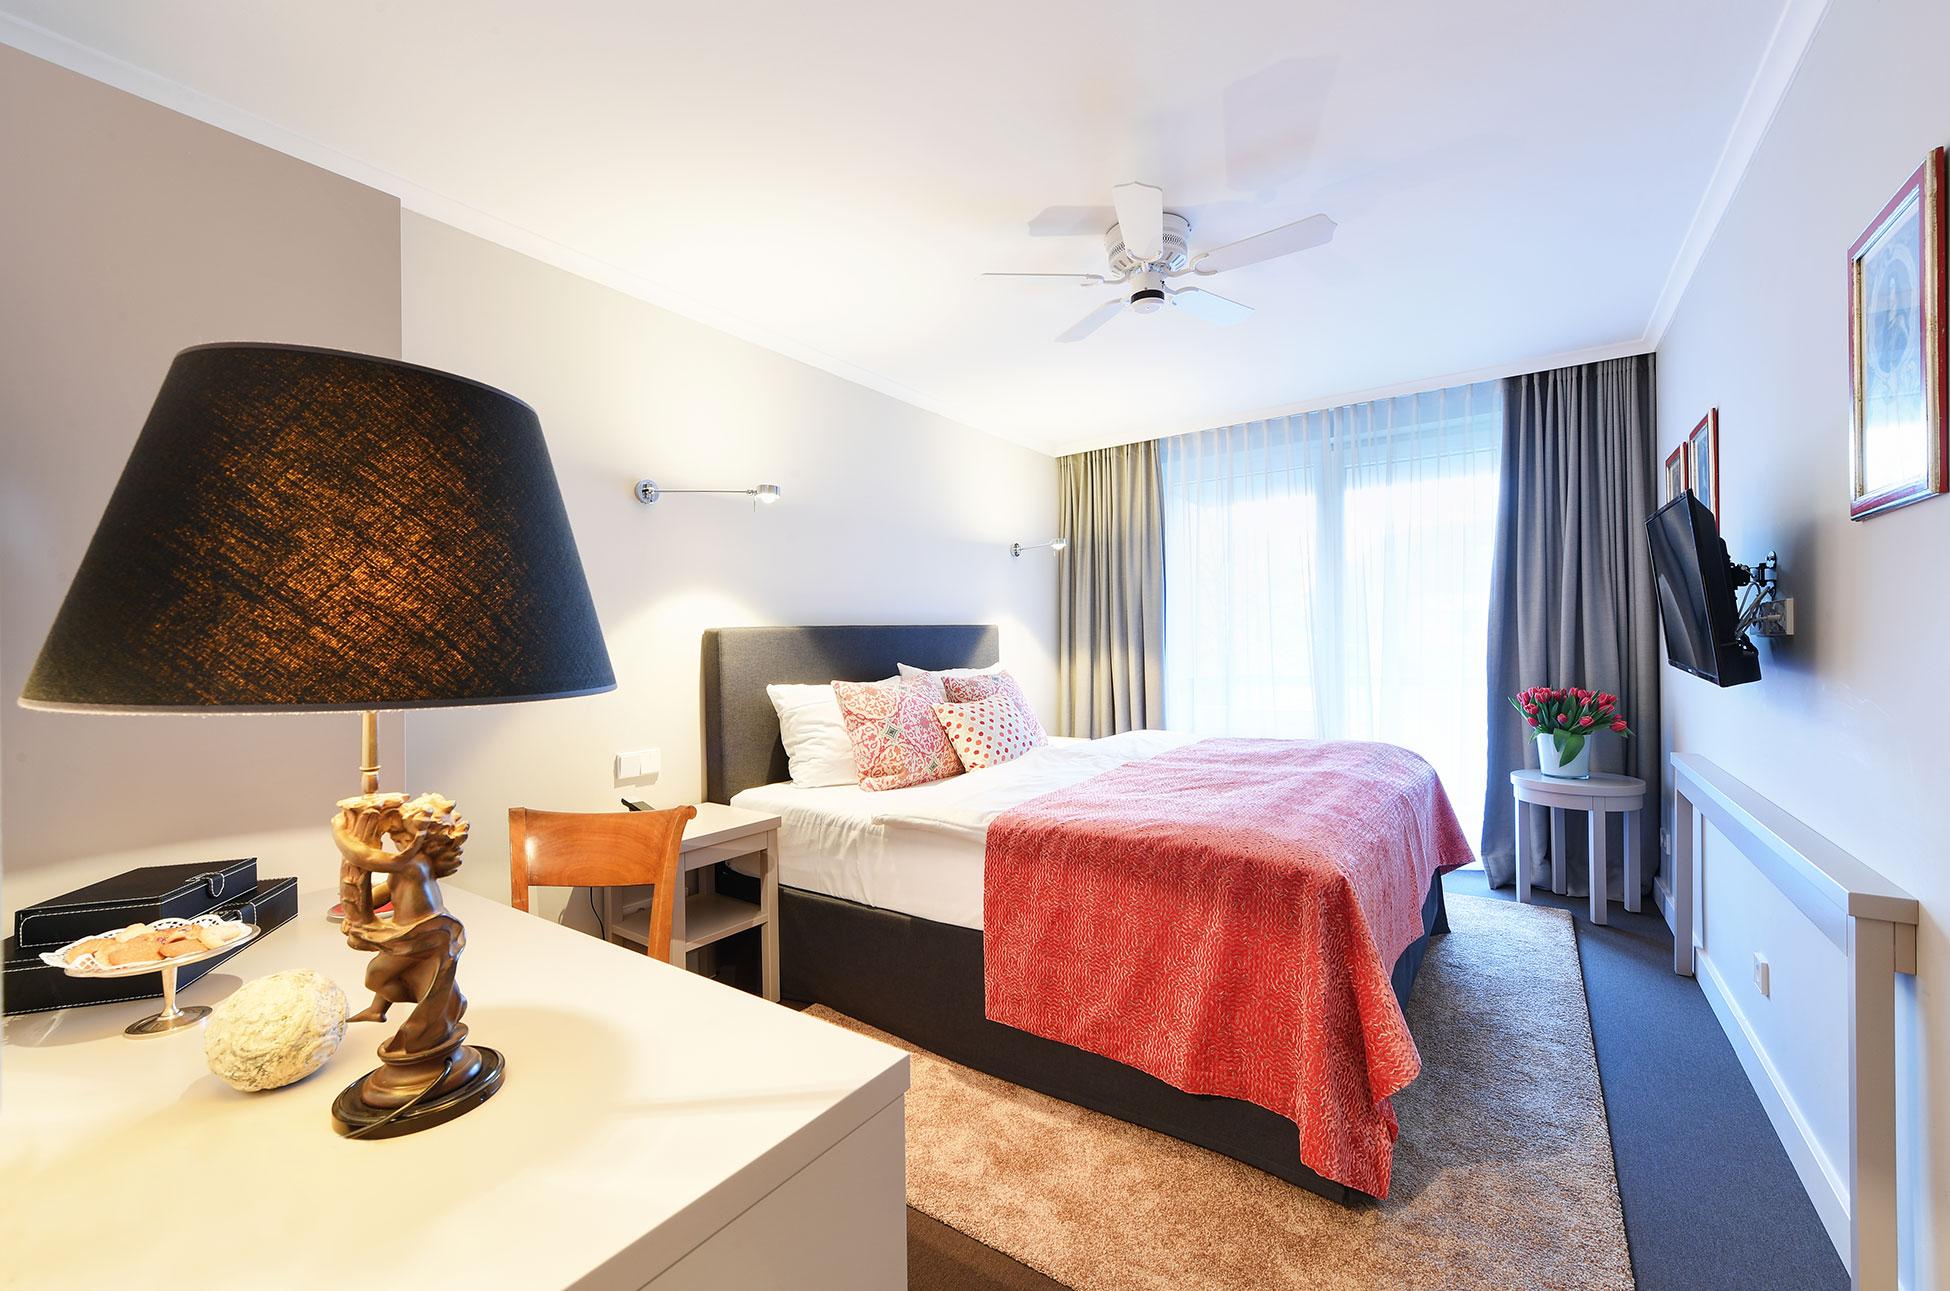 Doppelzimmer zum Innenhof - mit Gartenblick - des Hotel Admiral, München